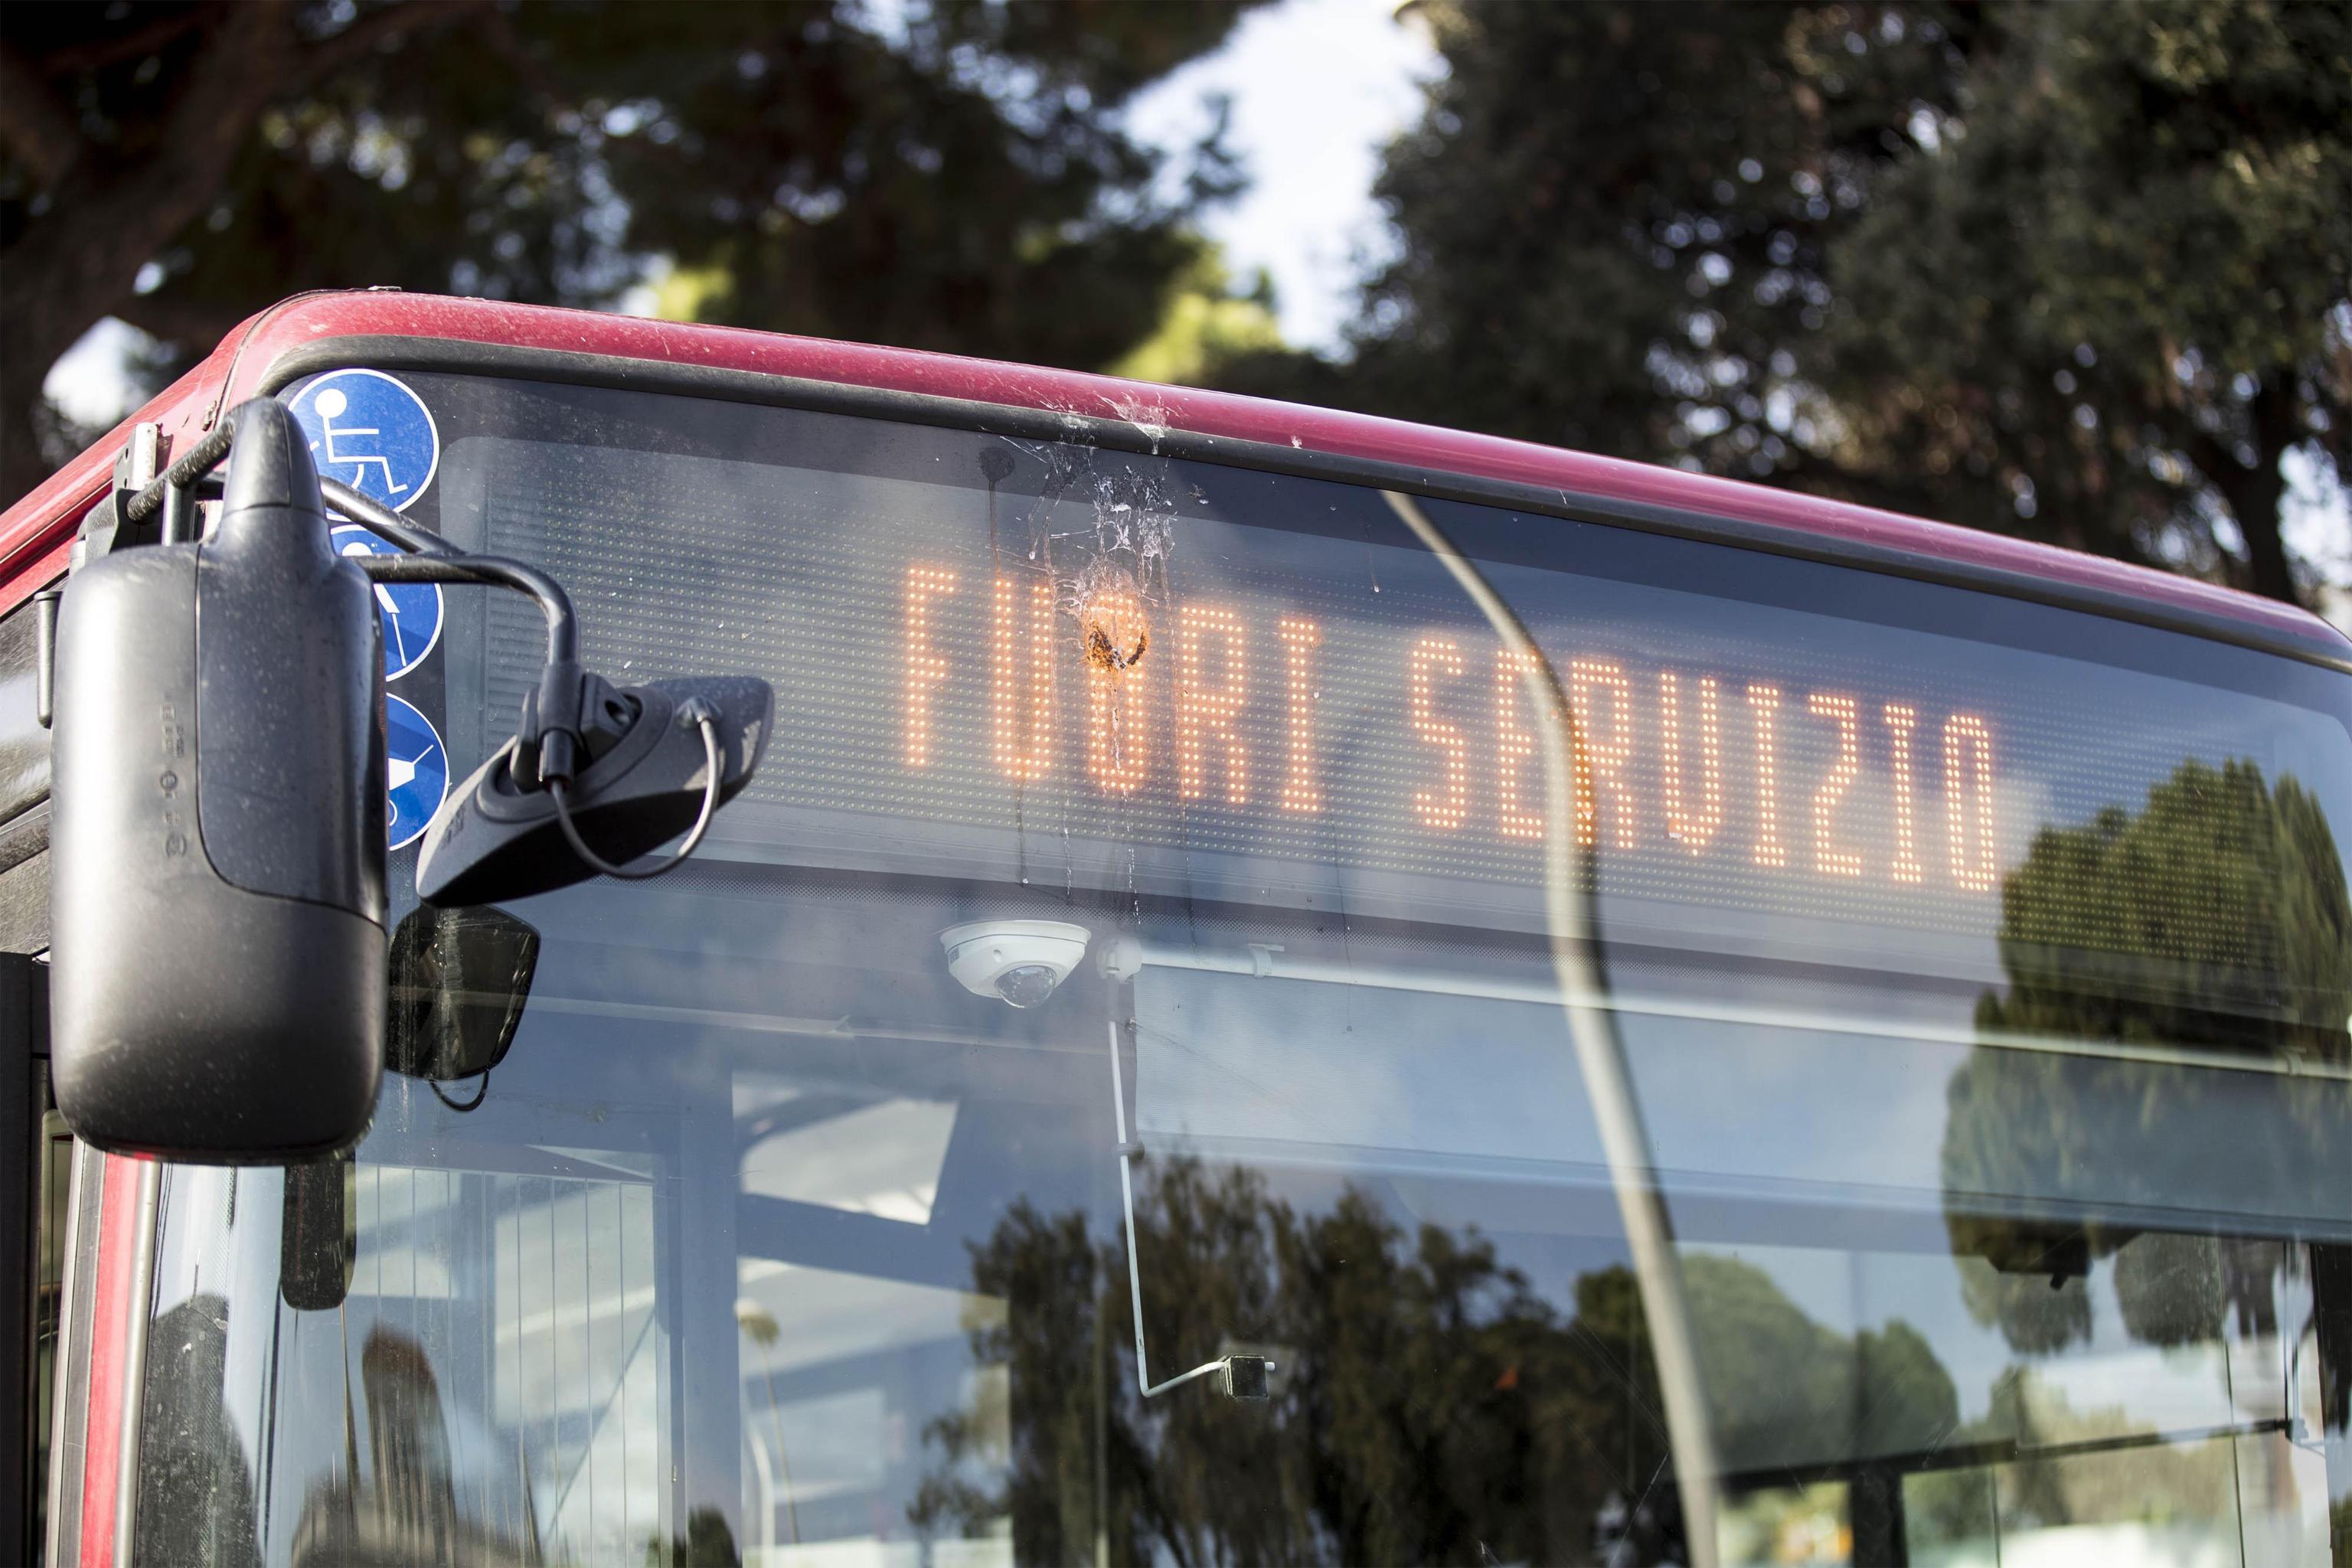 Sciopero 10 novembre 2017, trasporti a rischio: orari bus, metro, treni, aerei